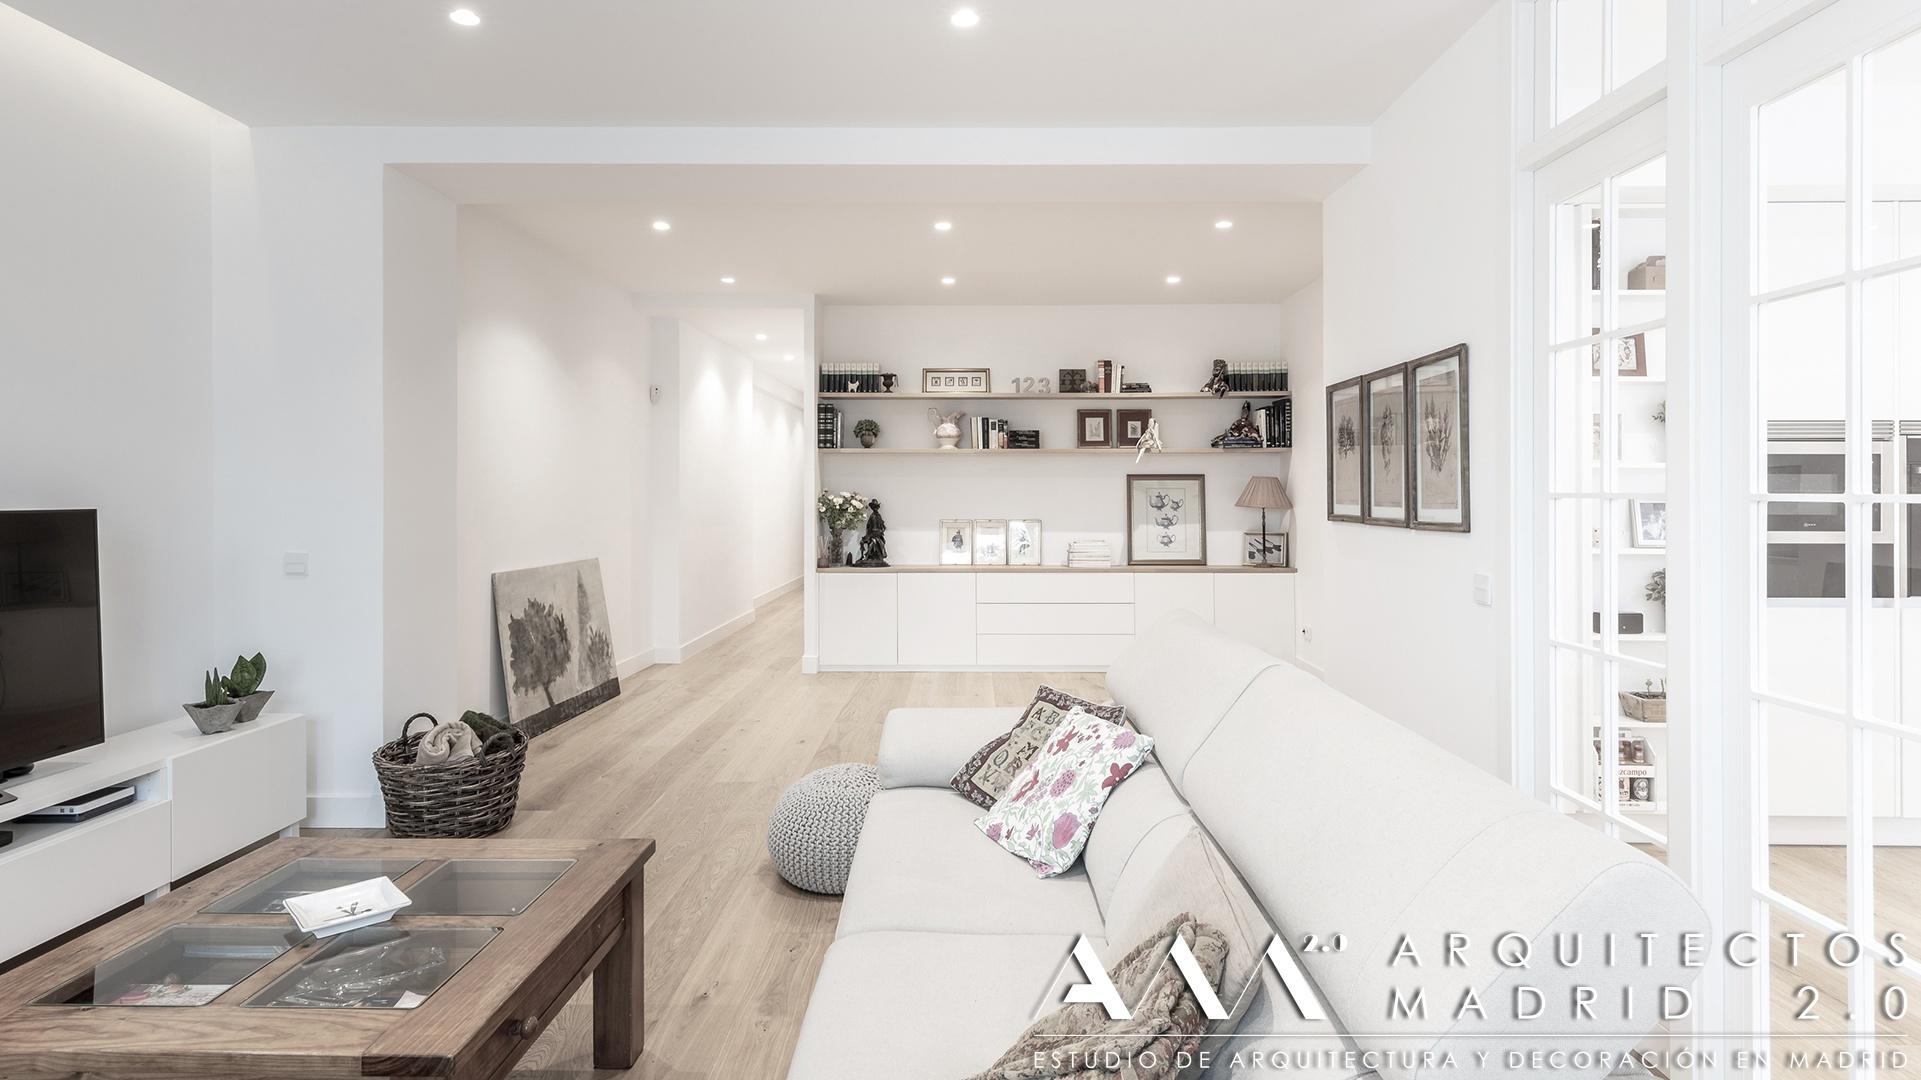 consejos-ideas-reformas-integrales-reformar-casa-salon-cocina-dormitorio-reforma-hogar-interior-decoracion-10